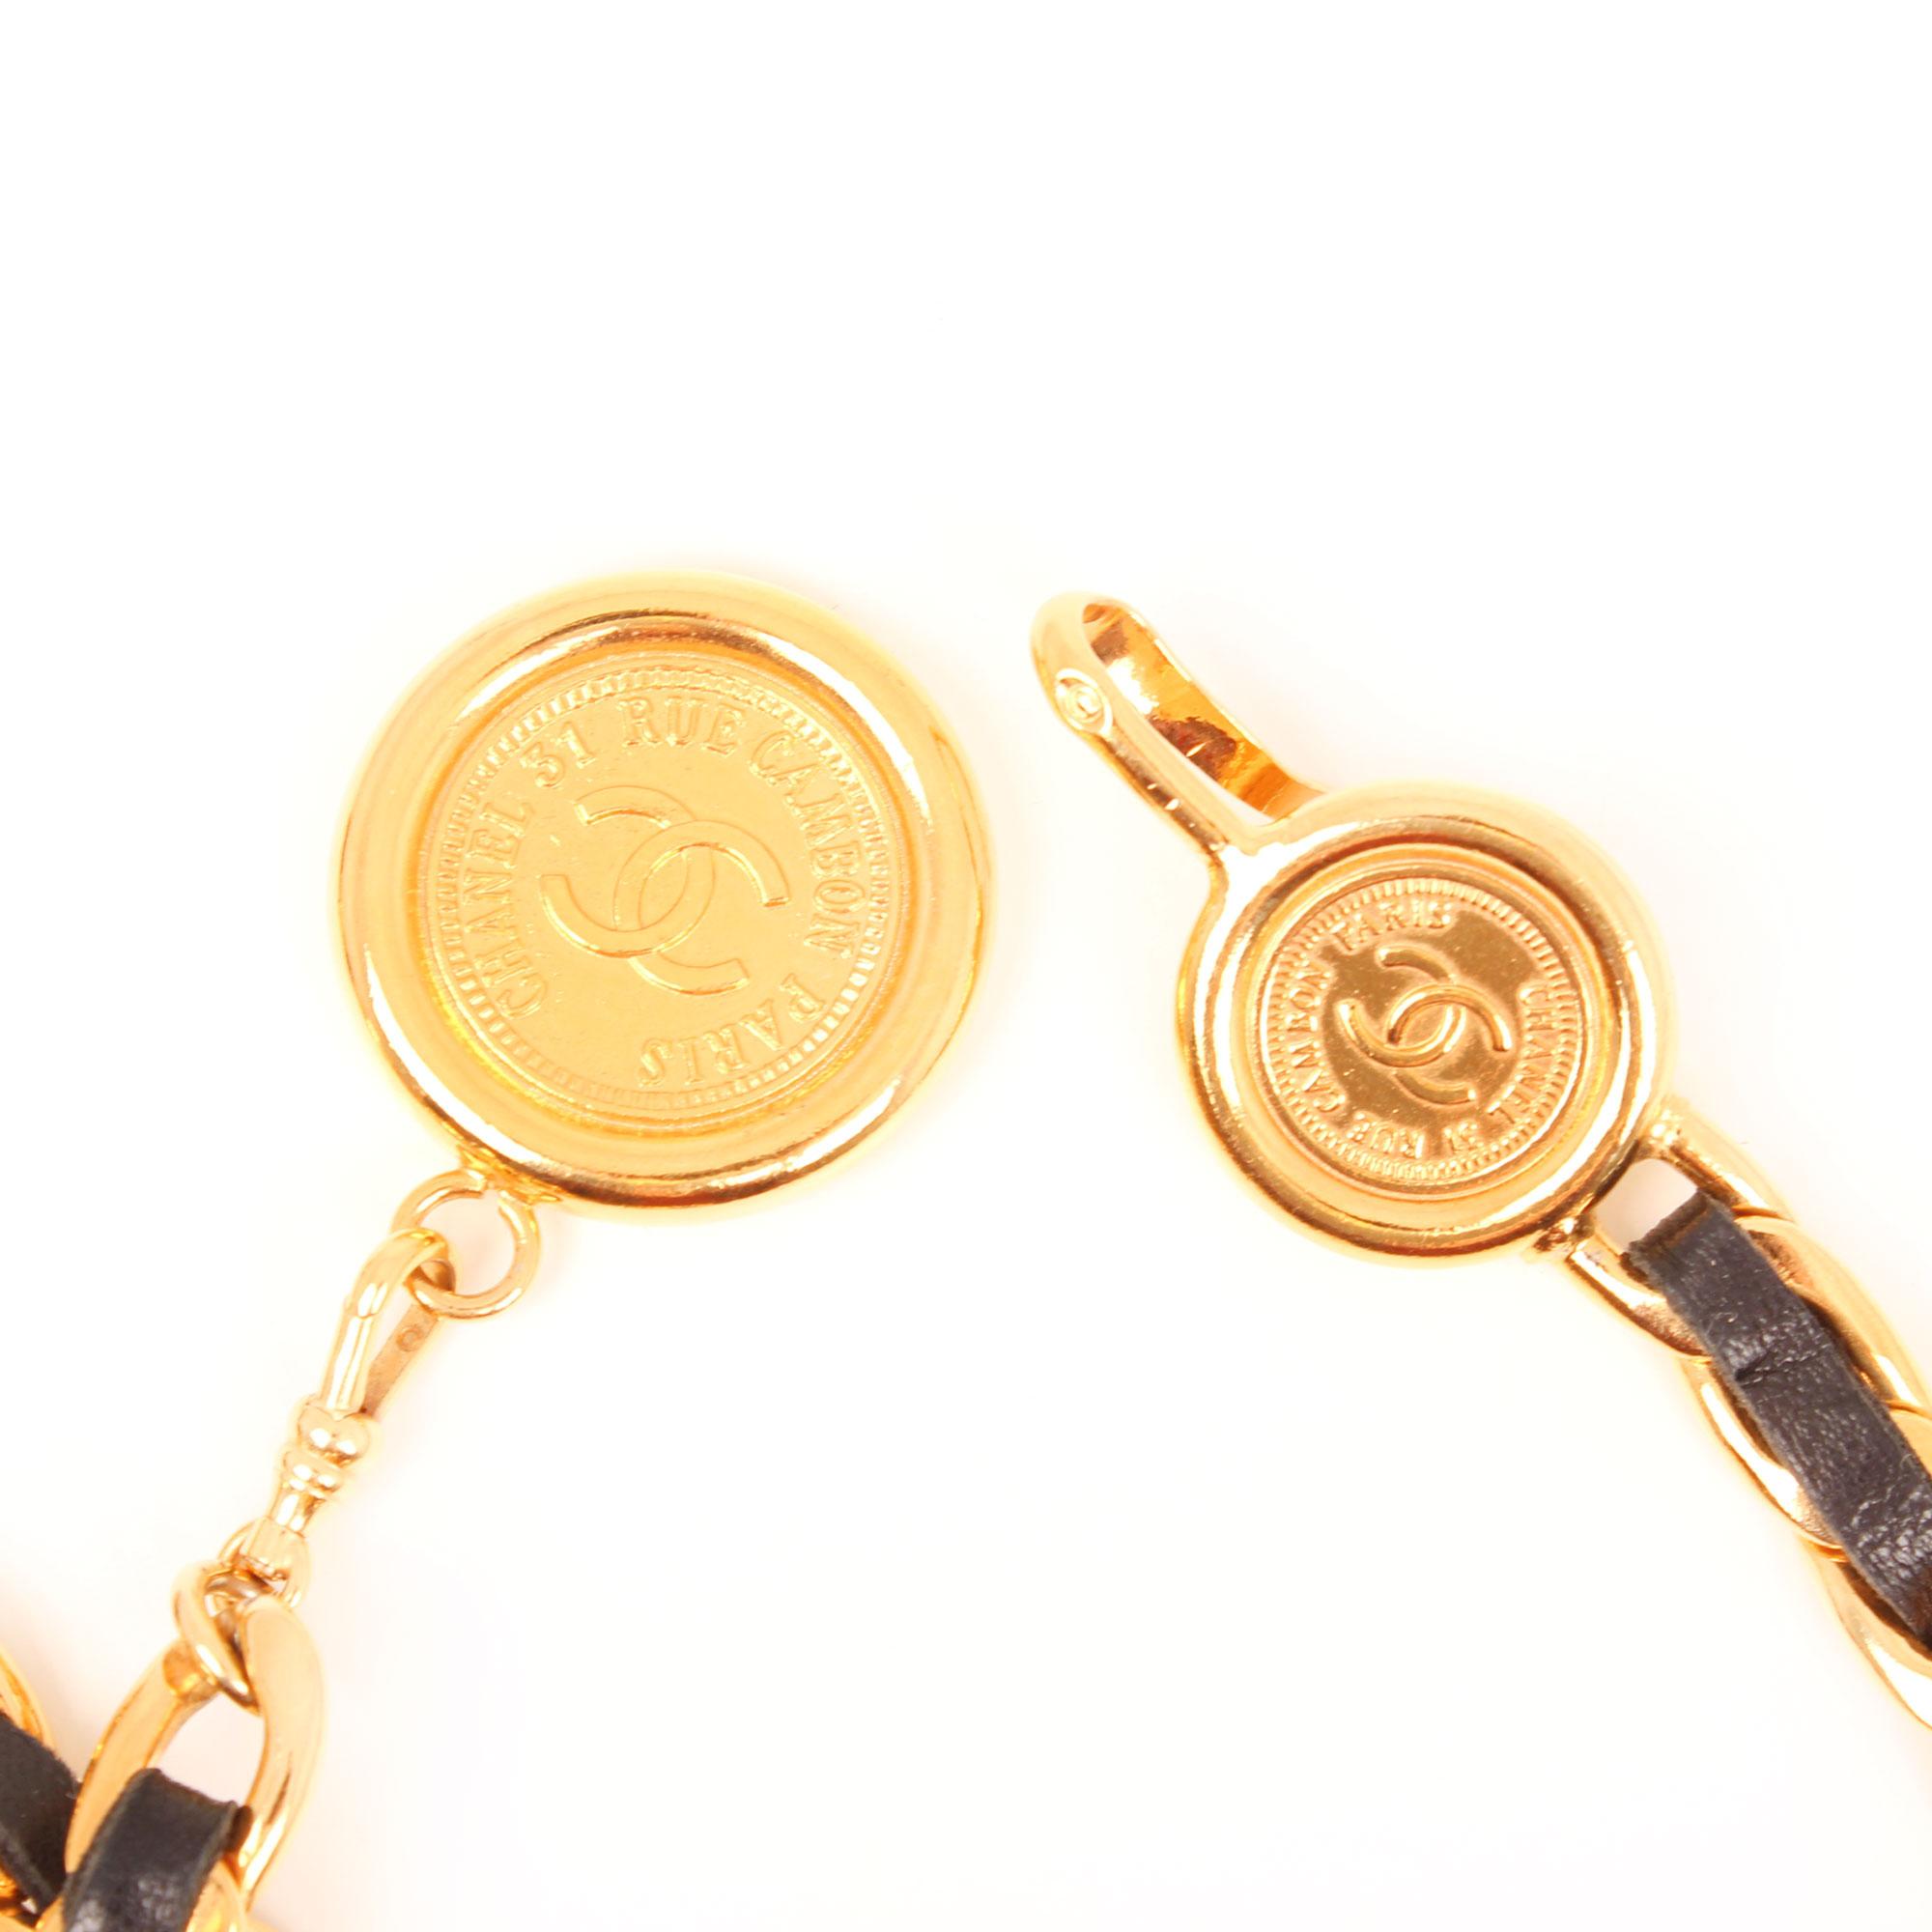 cinturon-chanel-cadena-dorada-cuero-negro-firma